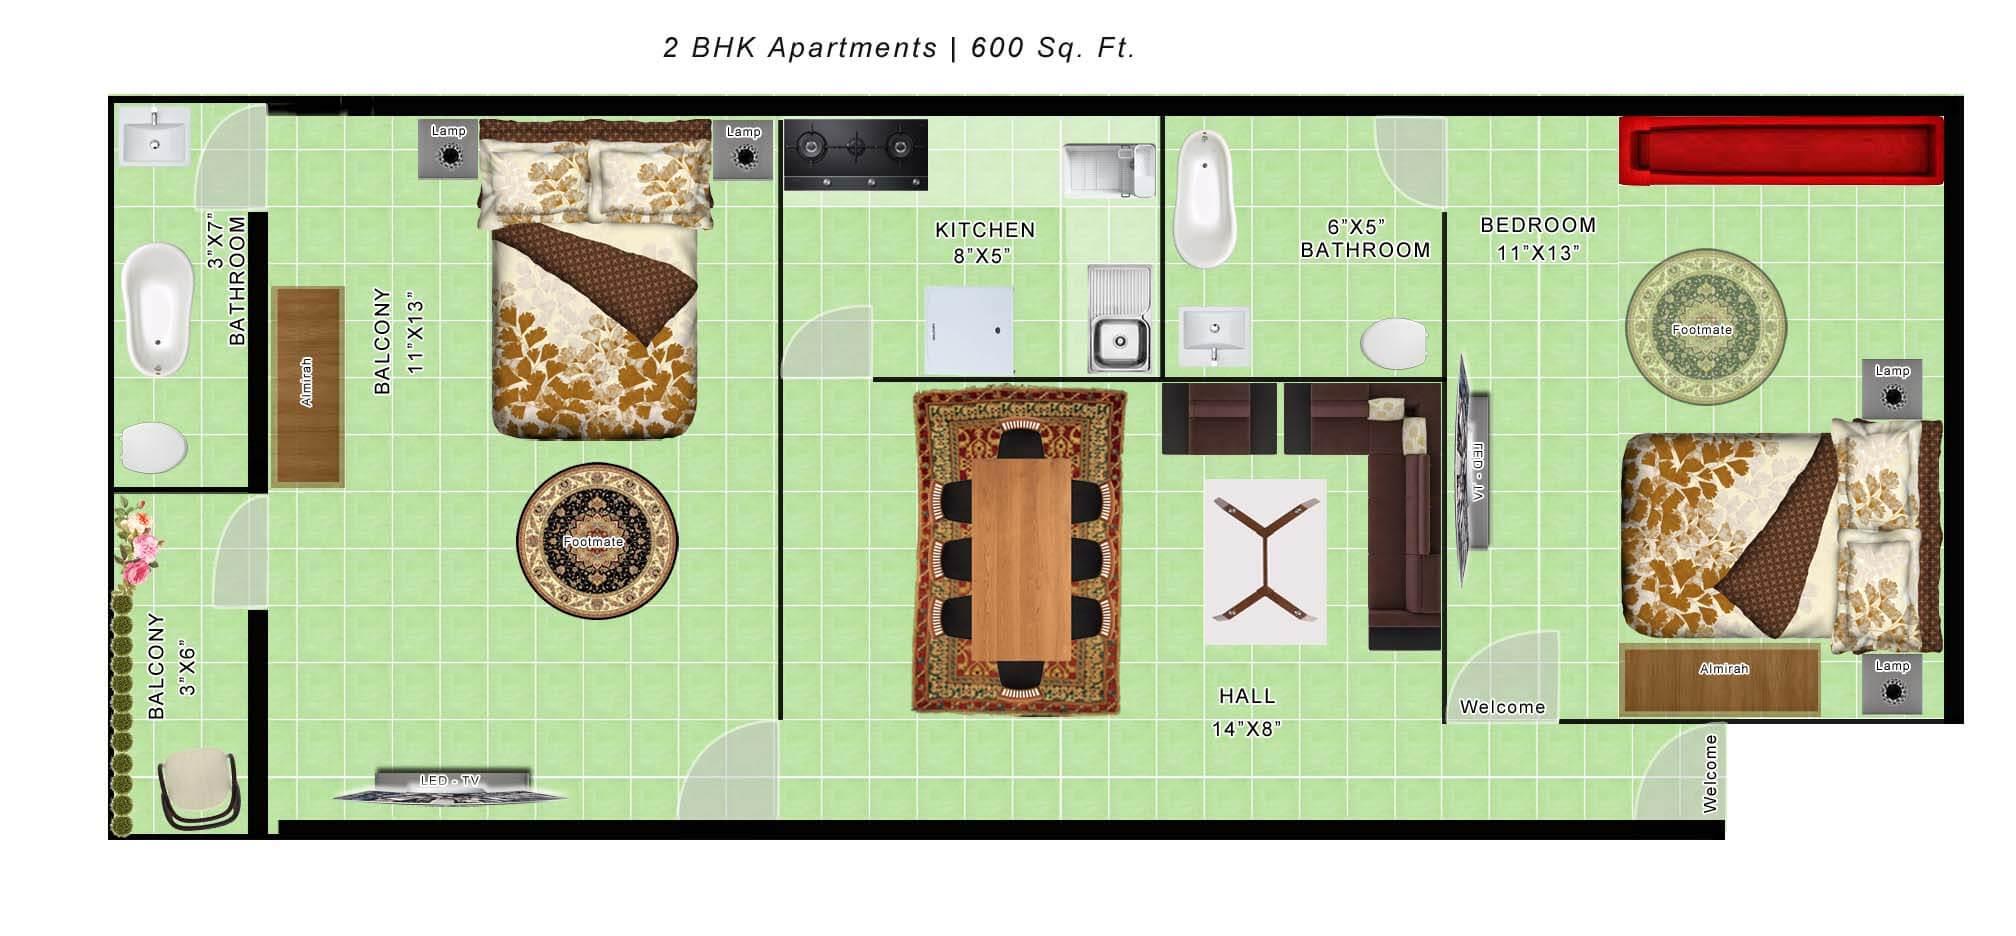 habitech group habitech apartments apartment 2bhk 600sqft 1